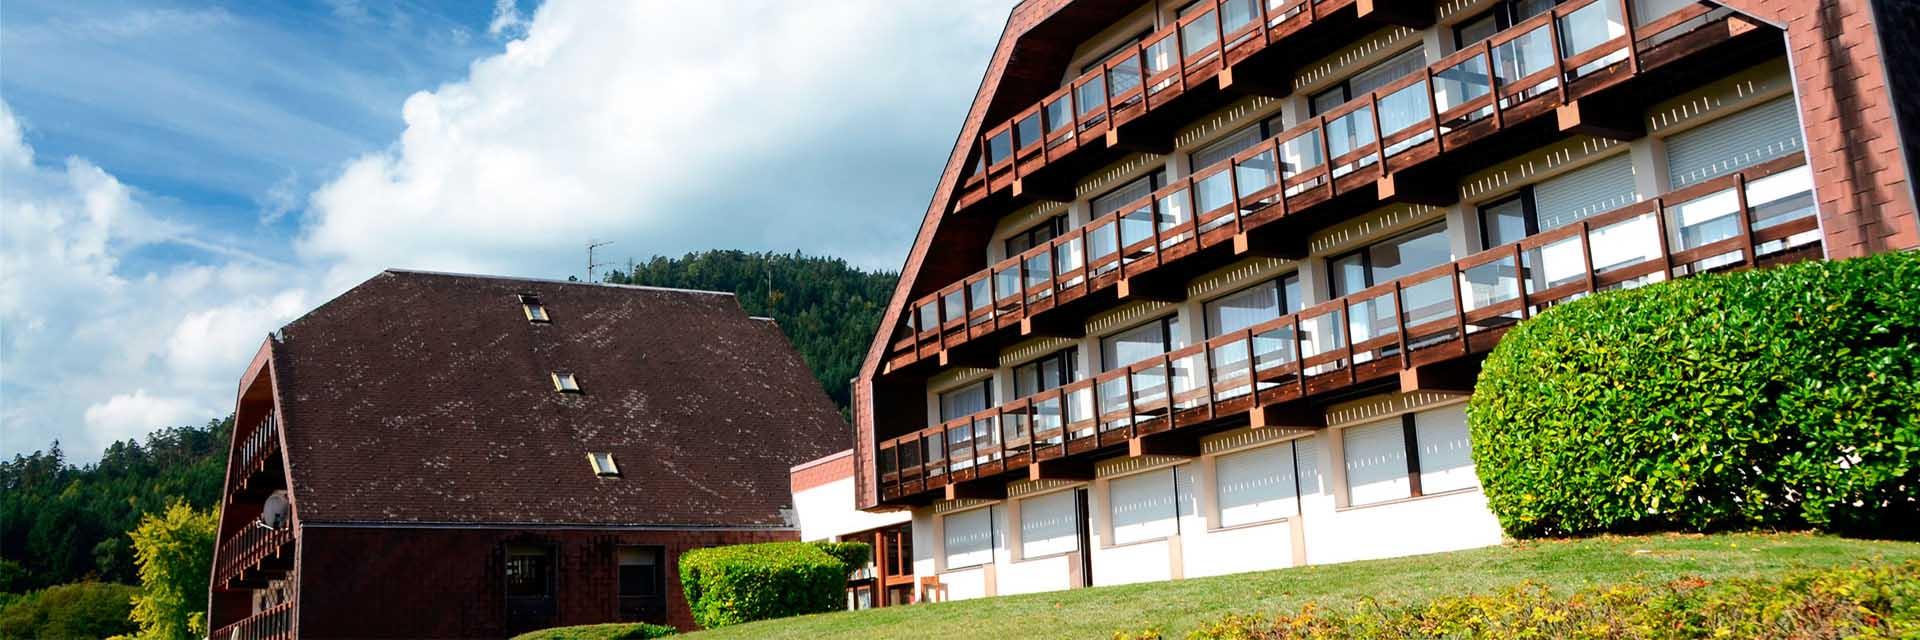 Séminaires au coeur des Vosges - La Bolle